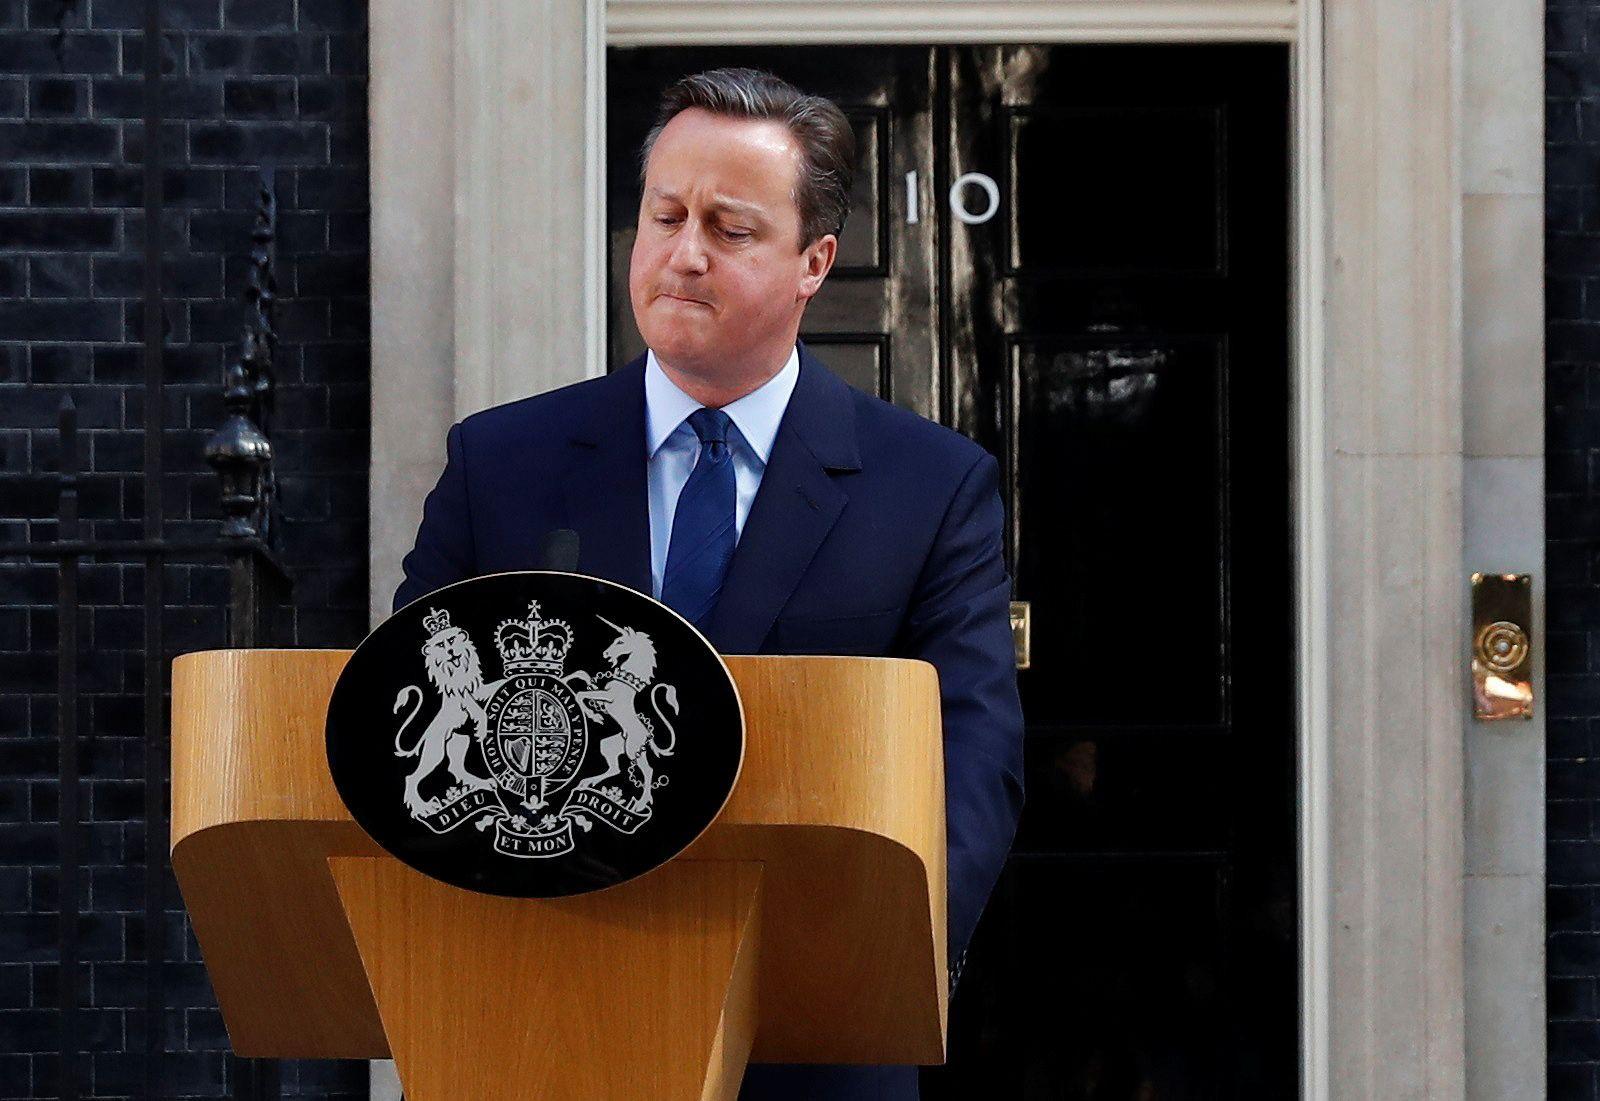 Davidas Cameronas: brit� vali� reikia gerbti